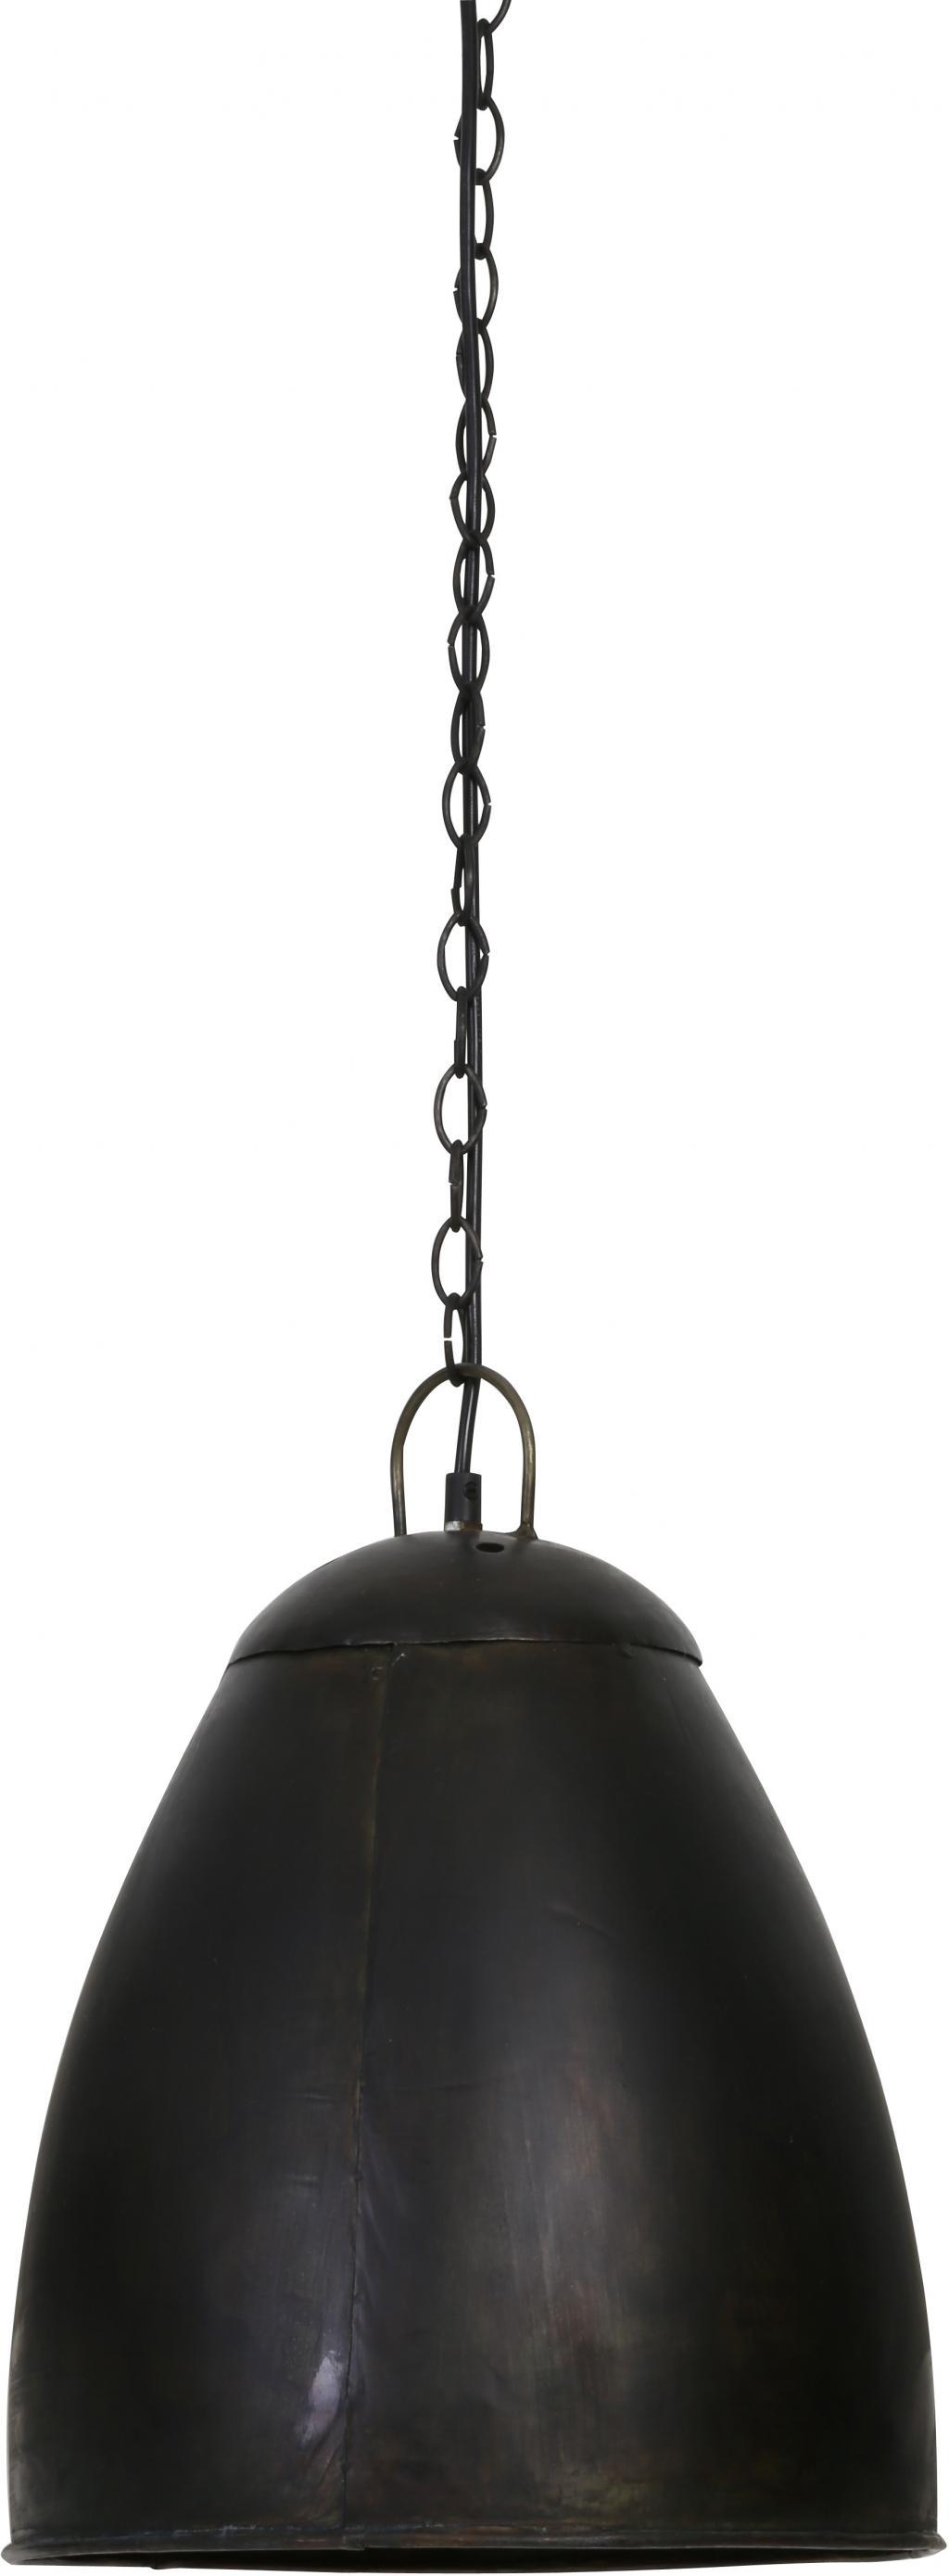 hanglamp-eelkje---yo31x40-cm---zwart-zink---light-and-living[0].jpg